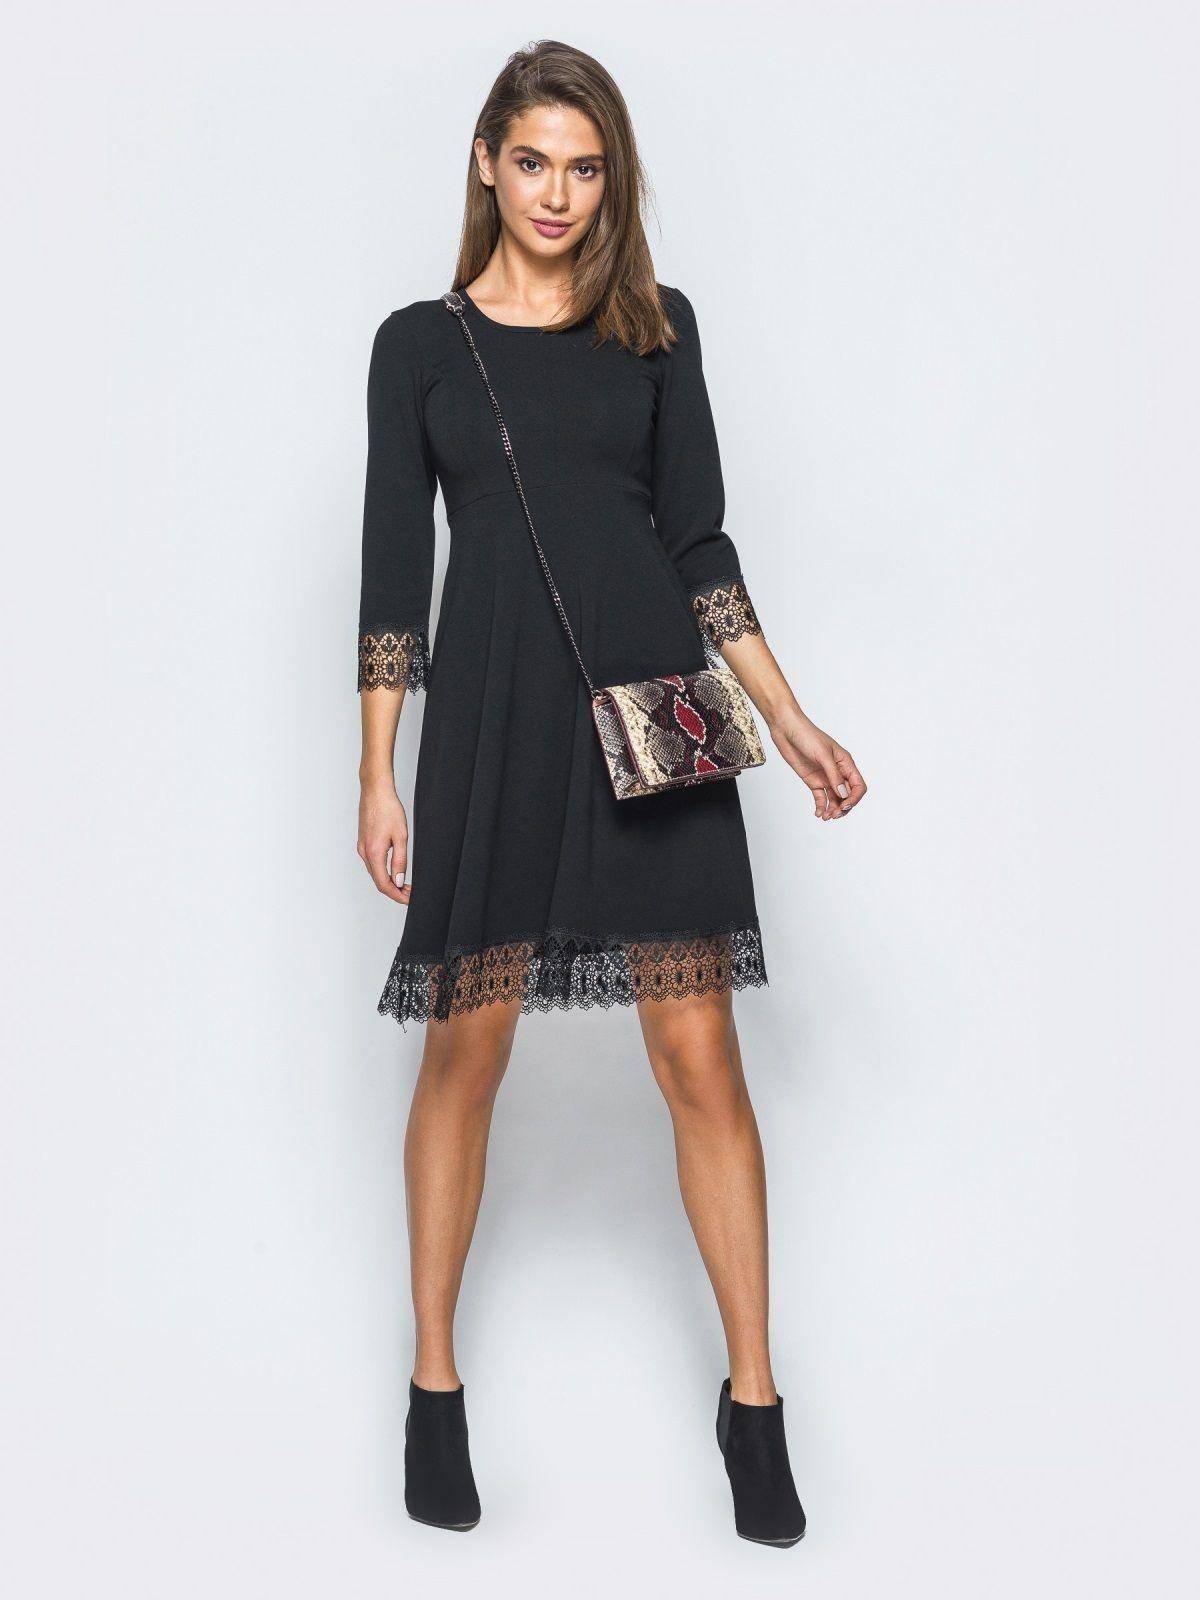 9456569f1ecc5de Лаконічне плаття з рукавом 3/4. Модель з завищеною лінією талії. Рукави і